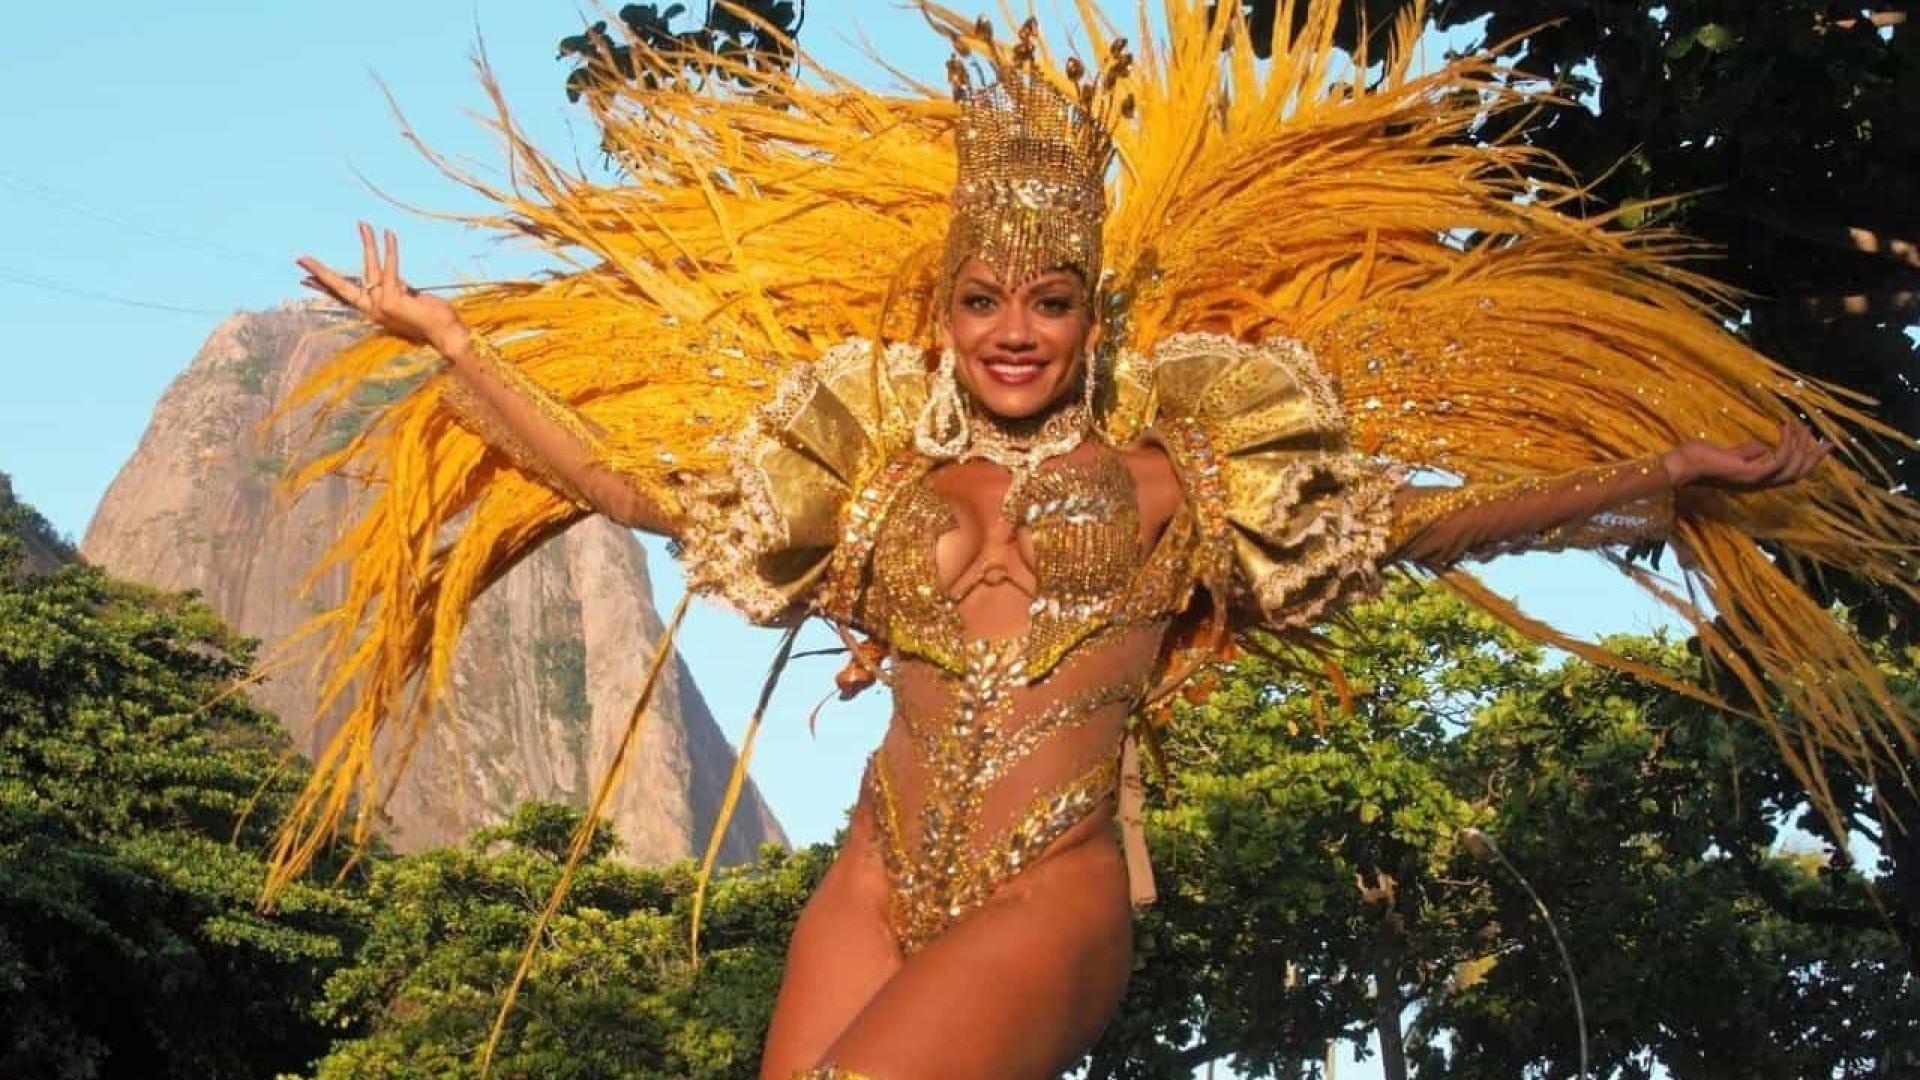 Musa do Carnaval quebra braço em confusão no Rio